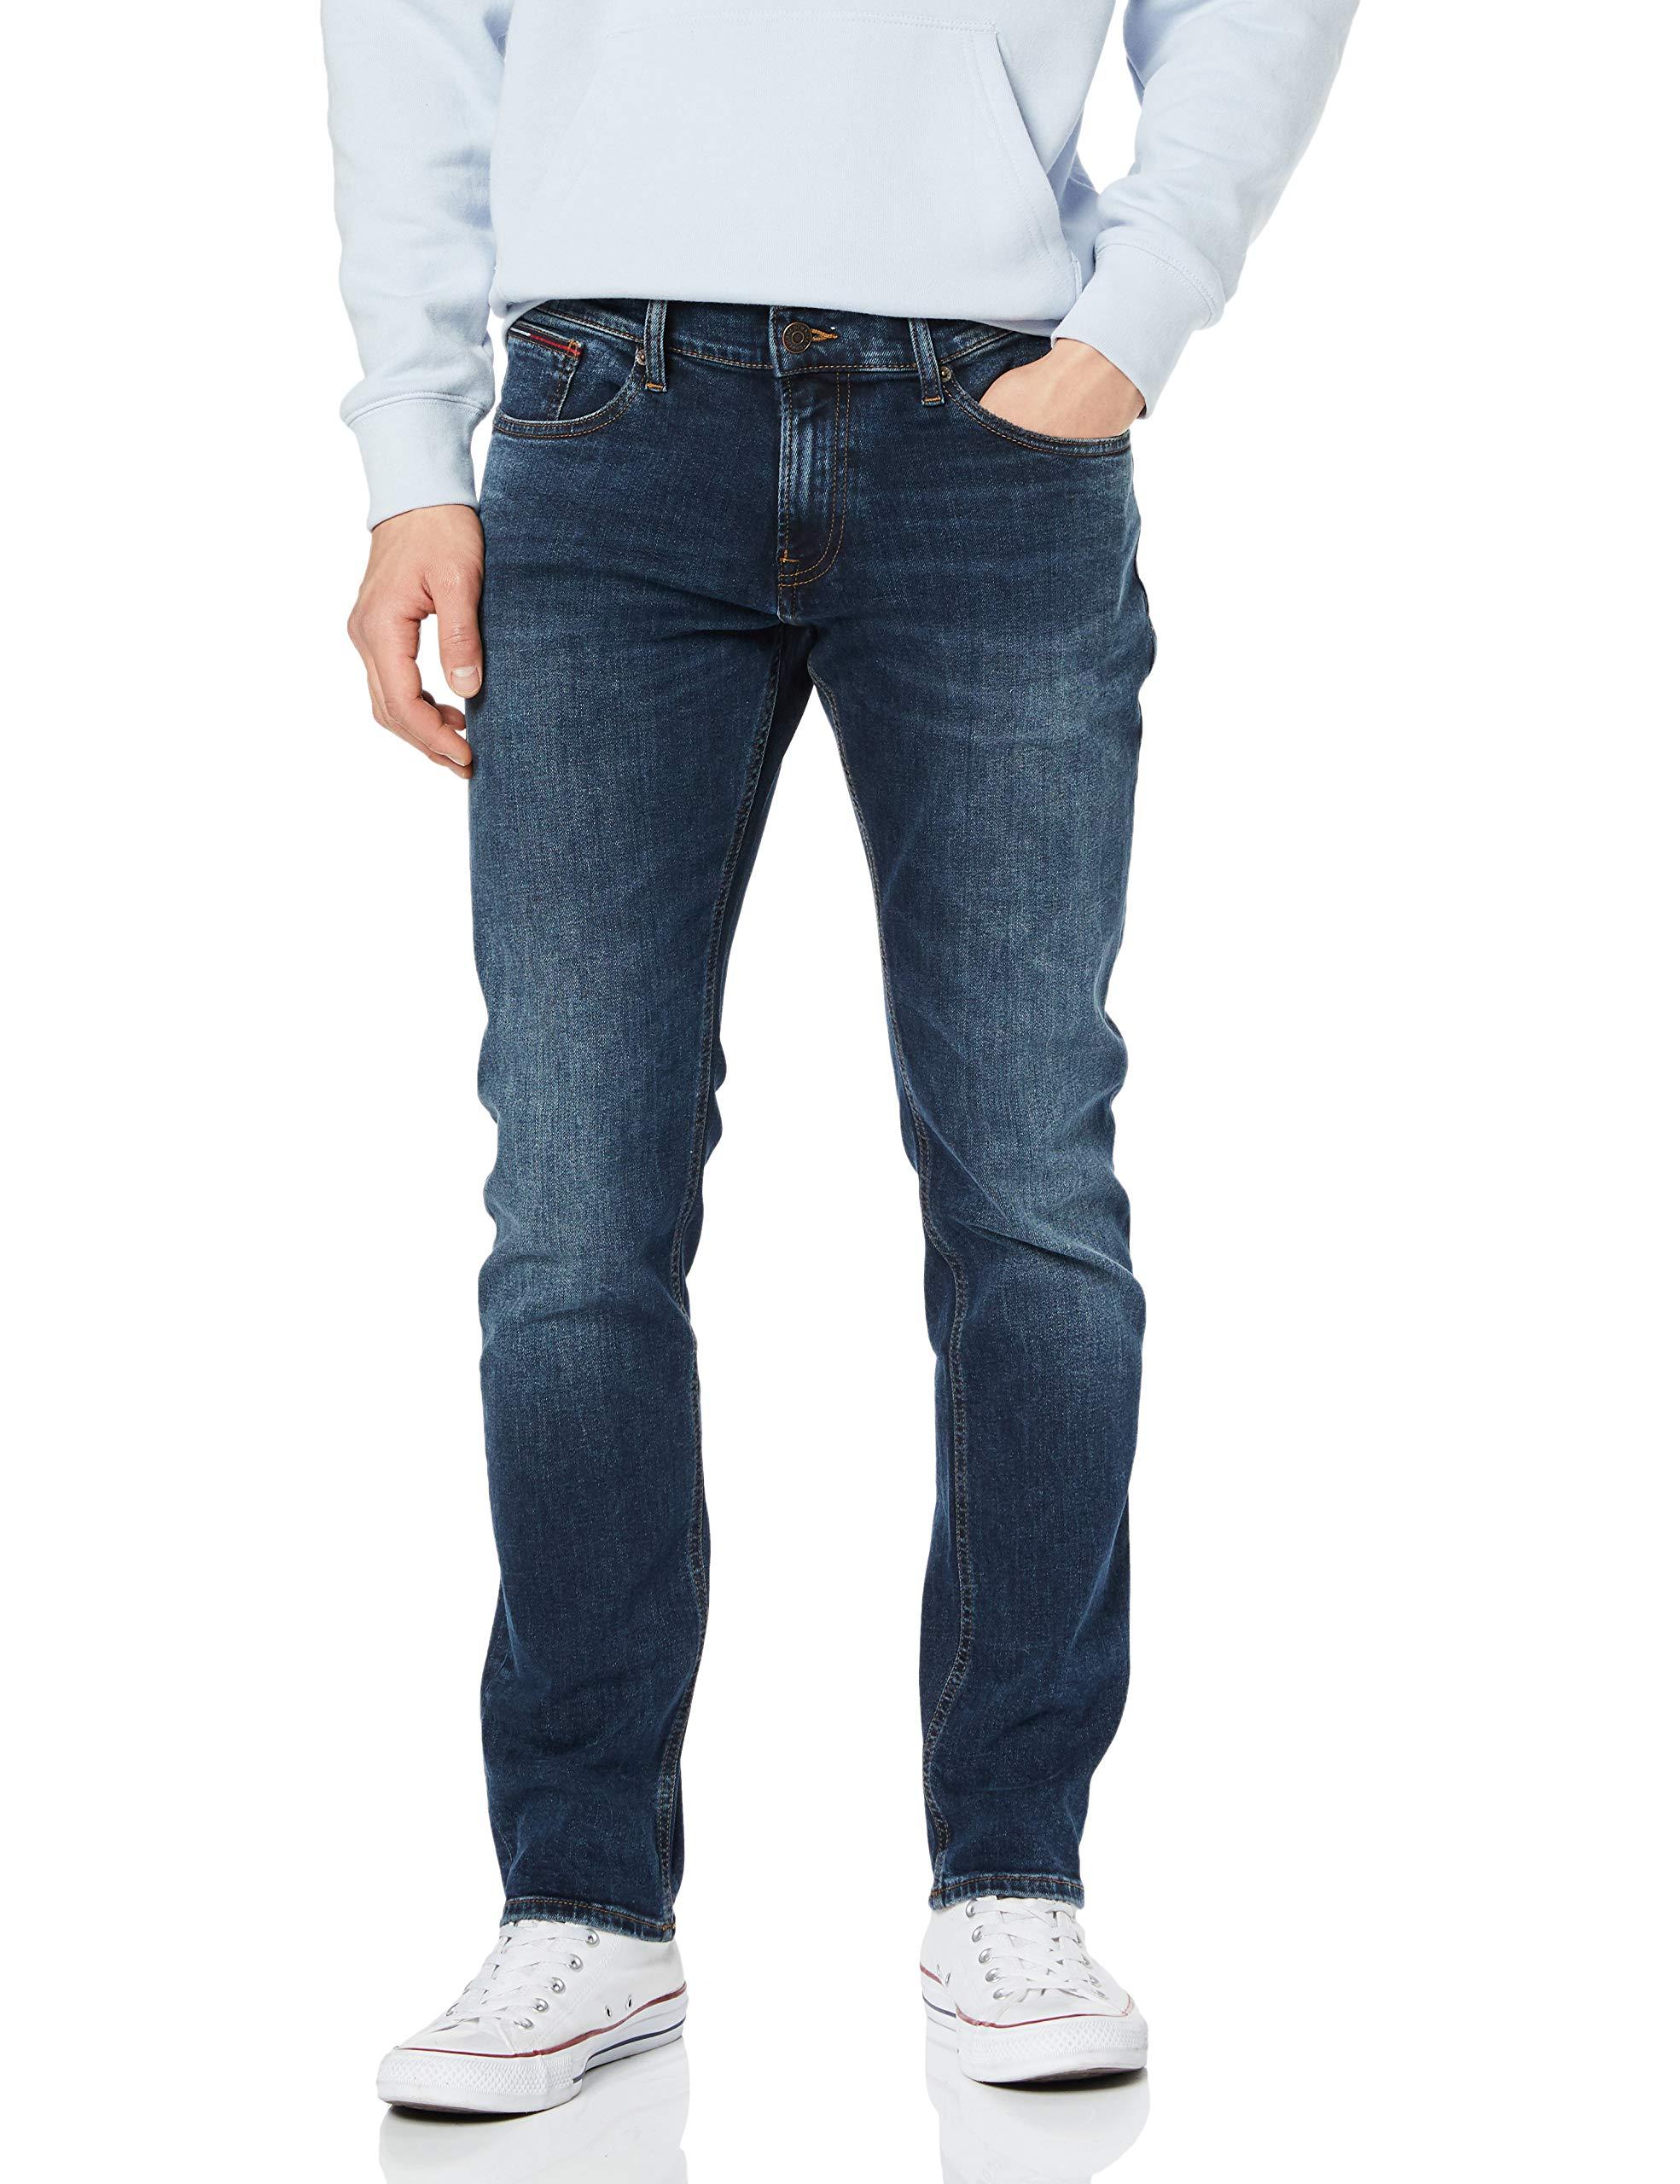 Dk 911W33 Dyrxdk Tommy St l32 Jeans Homme Rex Slim JeanBleudynamic Bl Scanton W2IEH9D